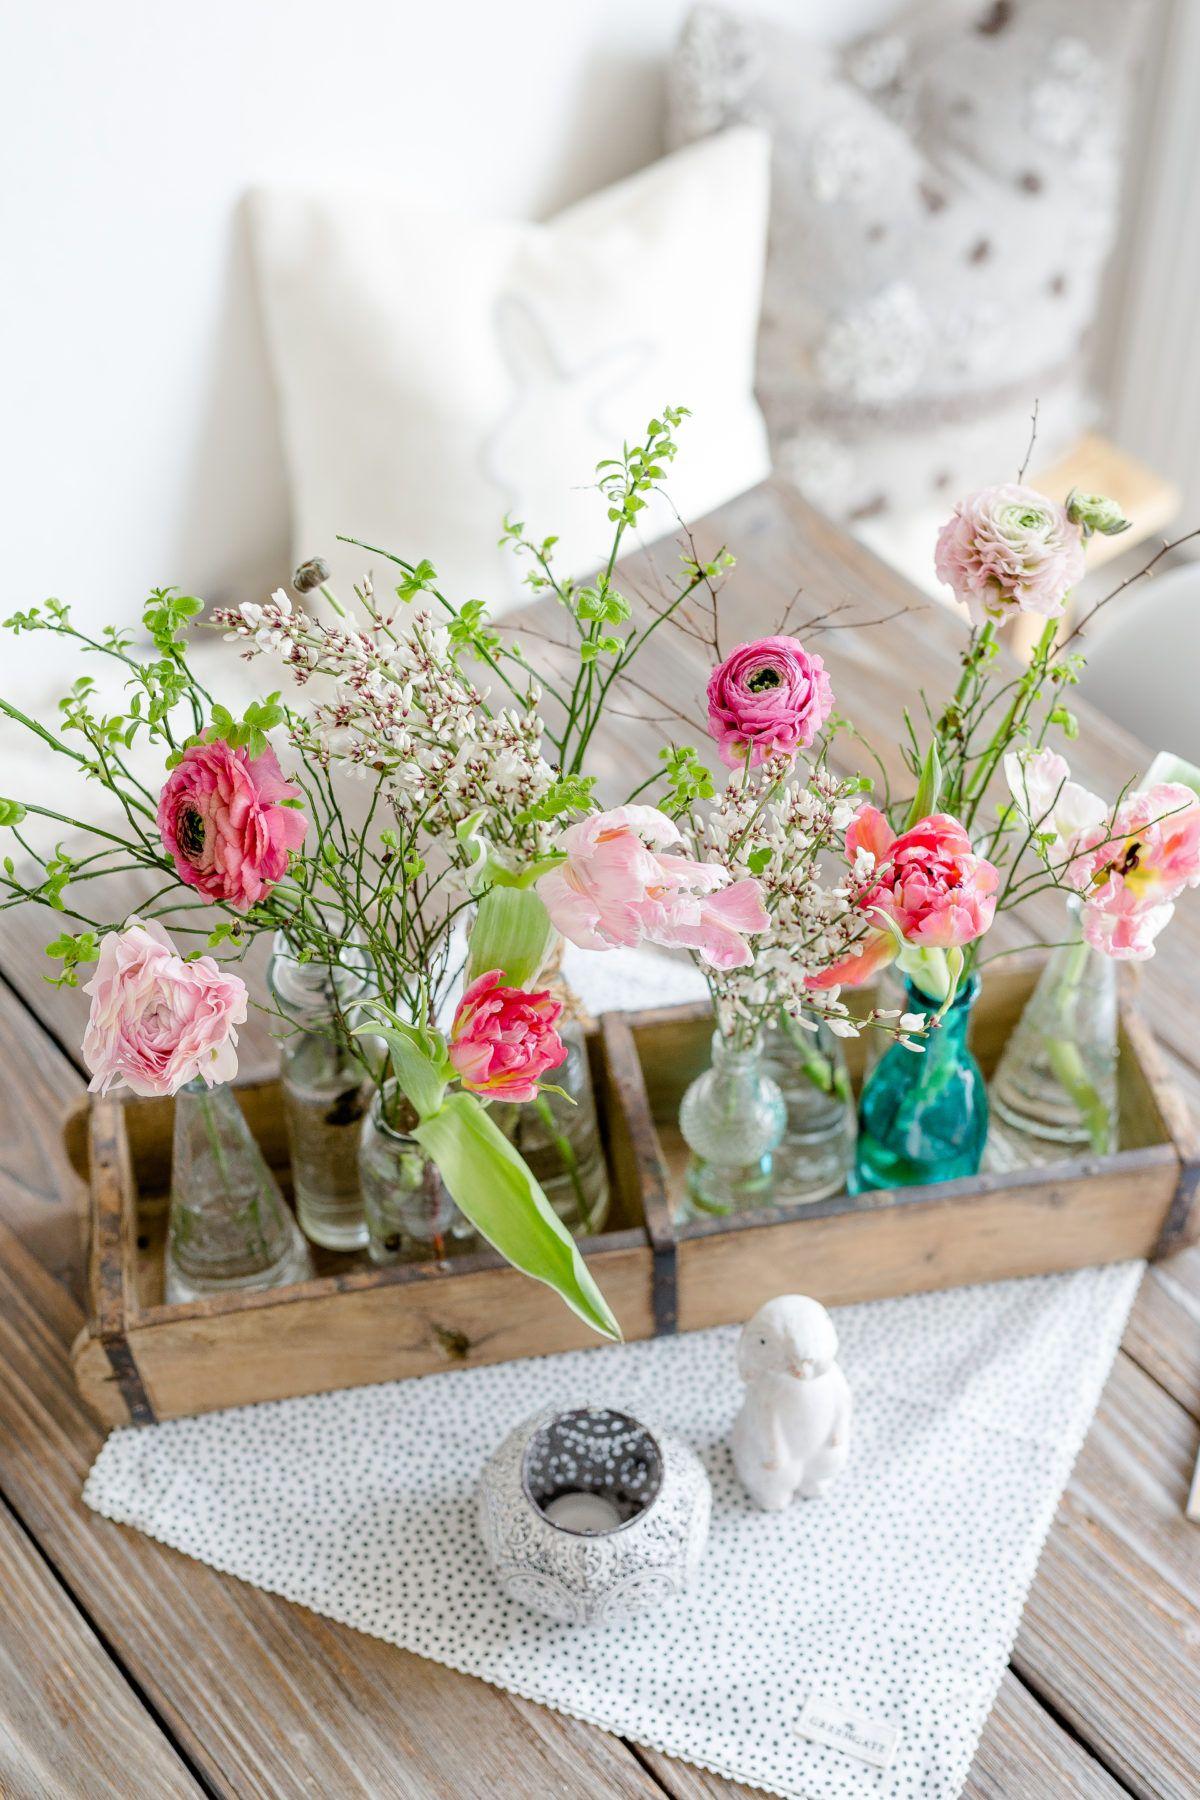 Frhlingshafte Blumen fr den Geburtstagstisch